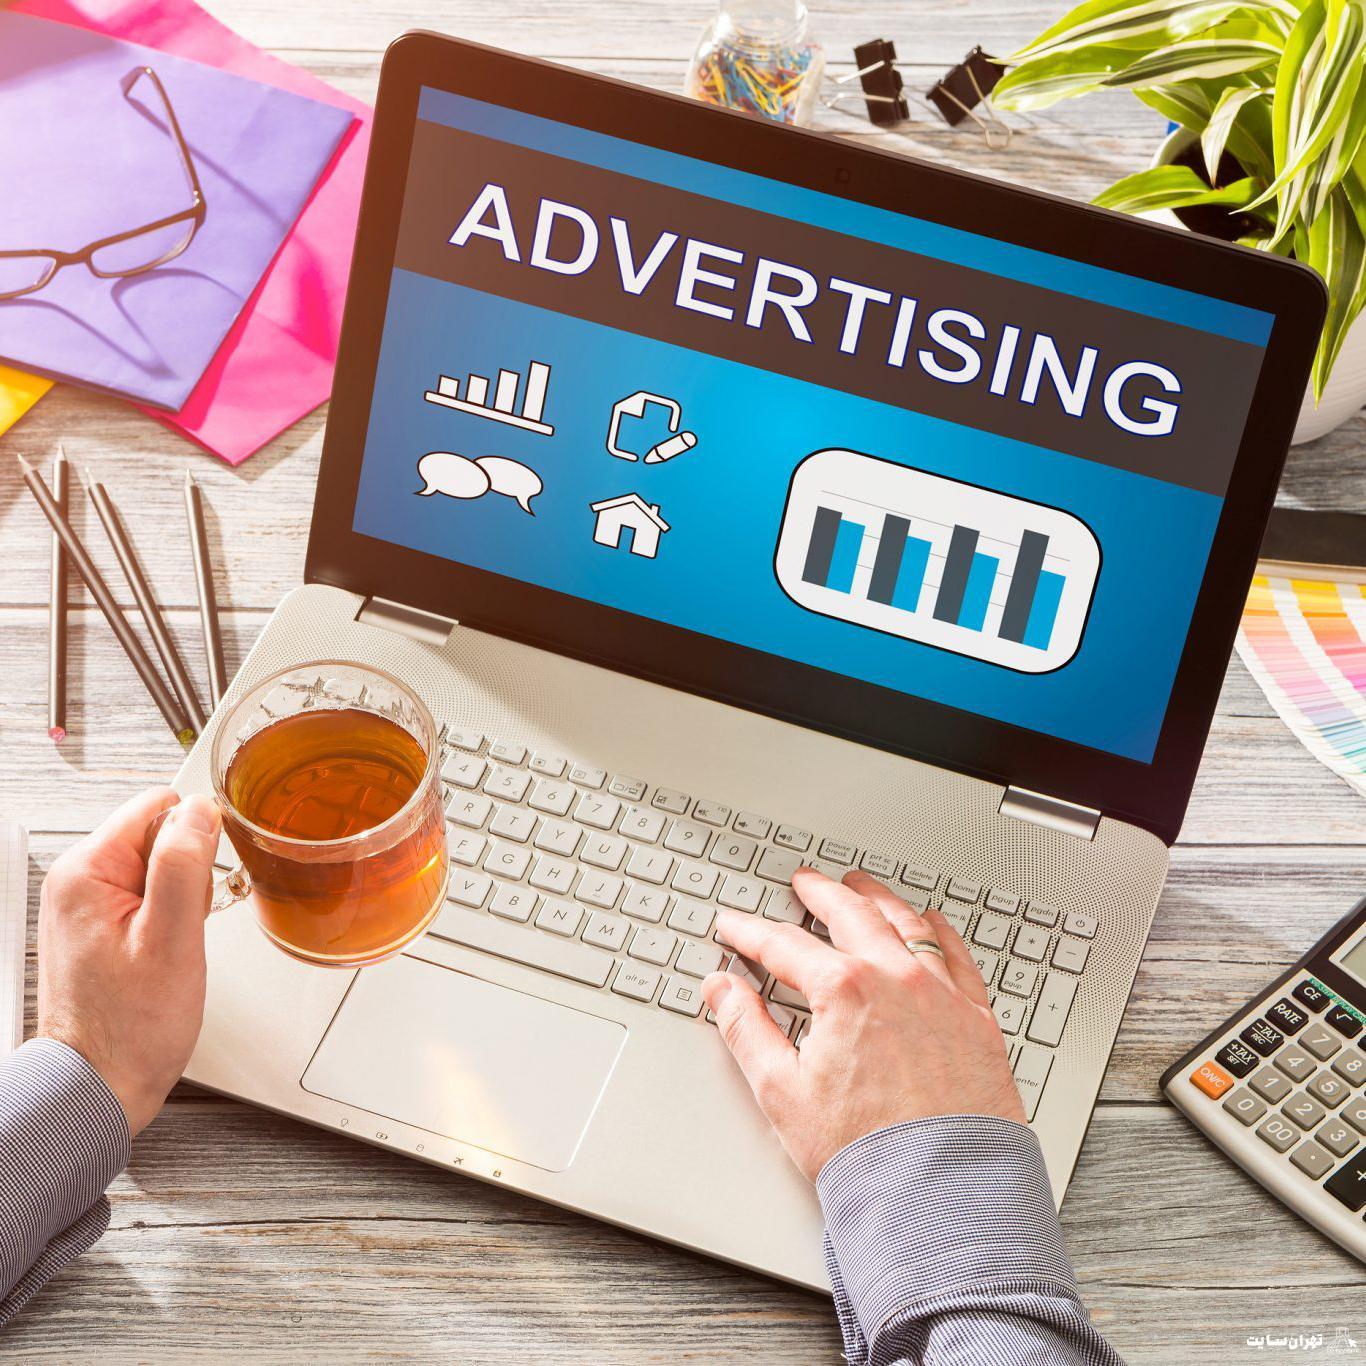 تبلیغات دیجیتال چیست ؟ 1399